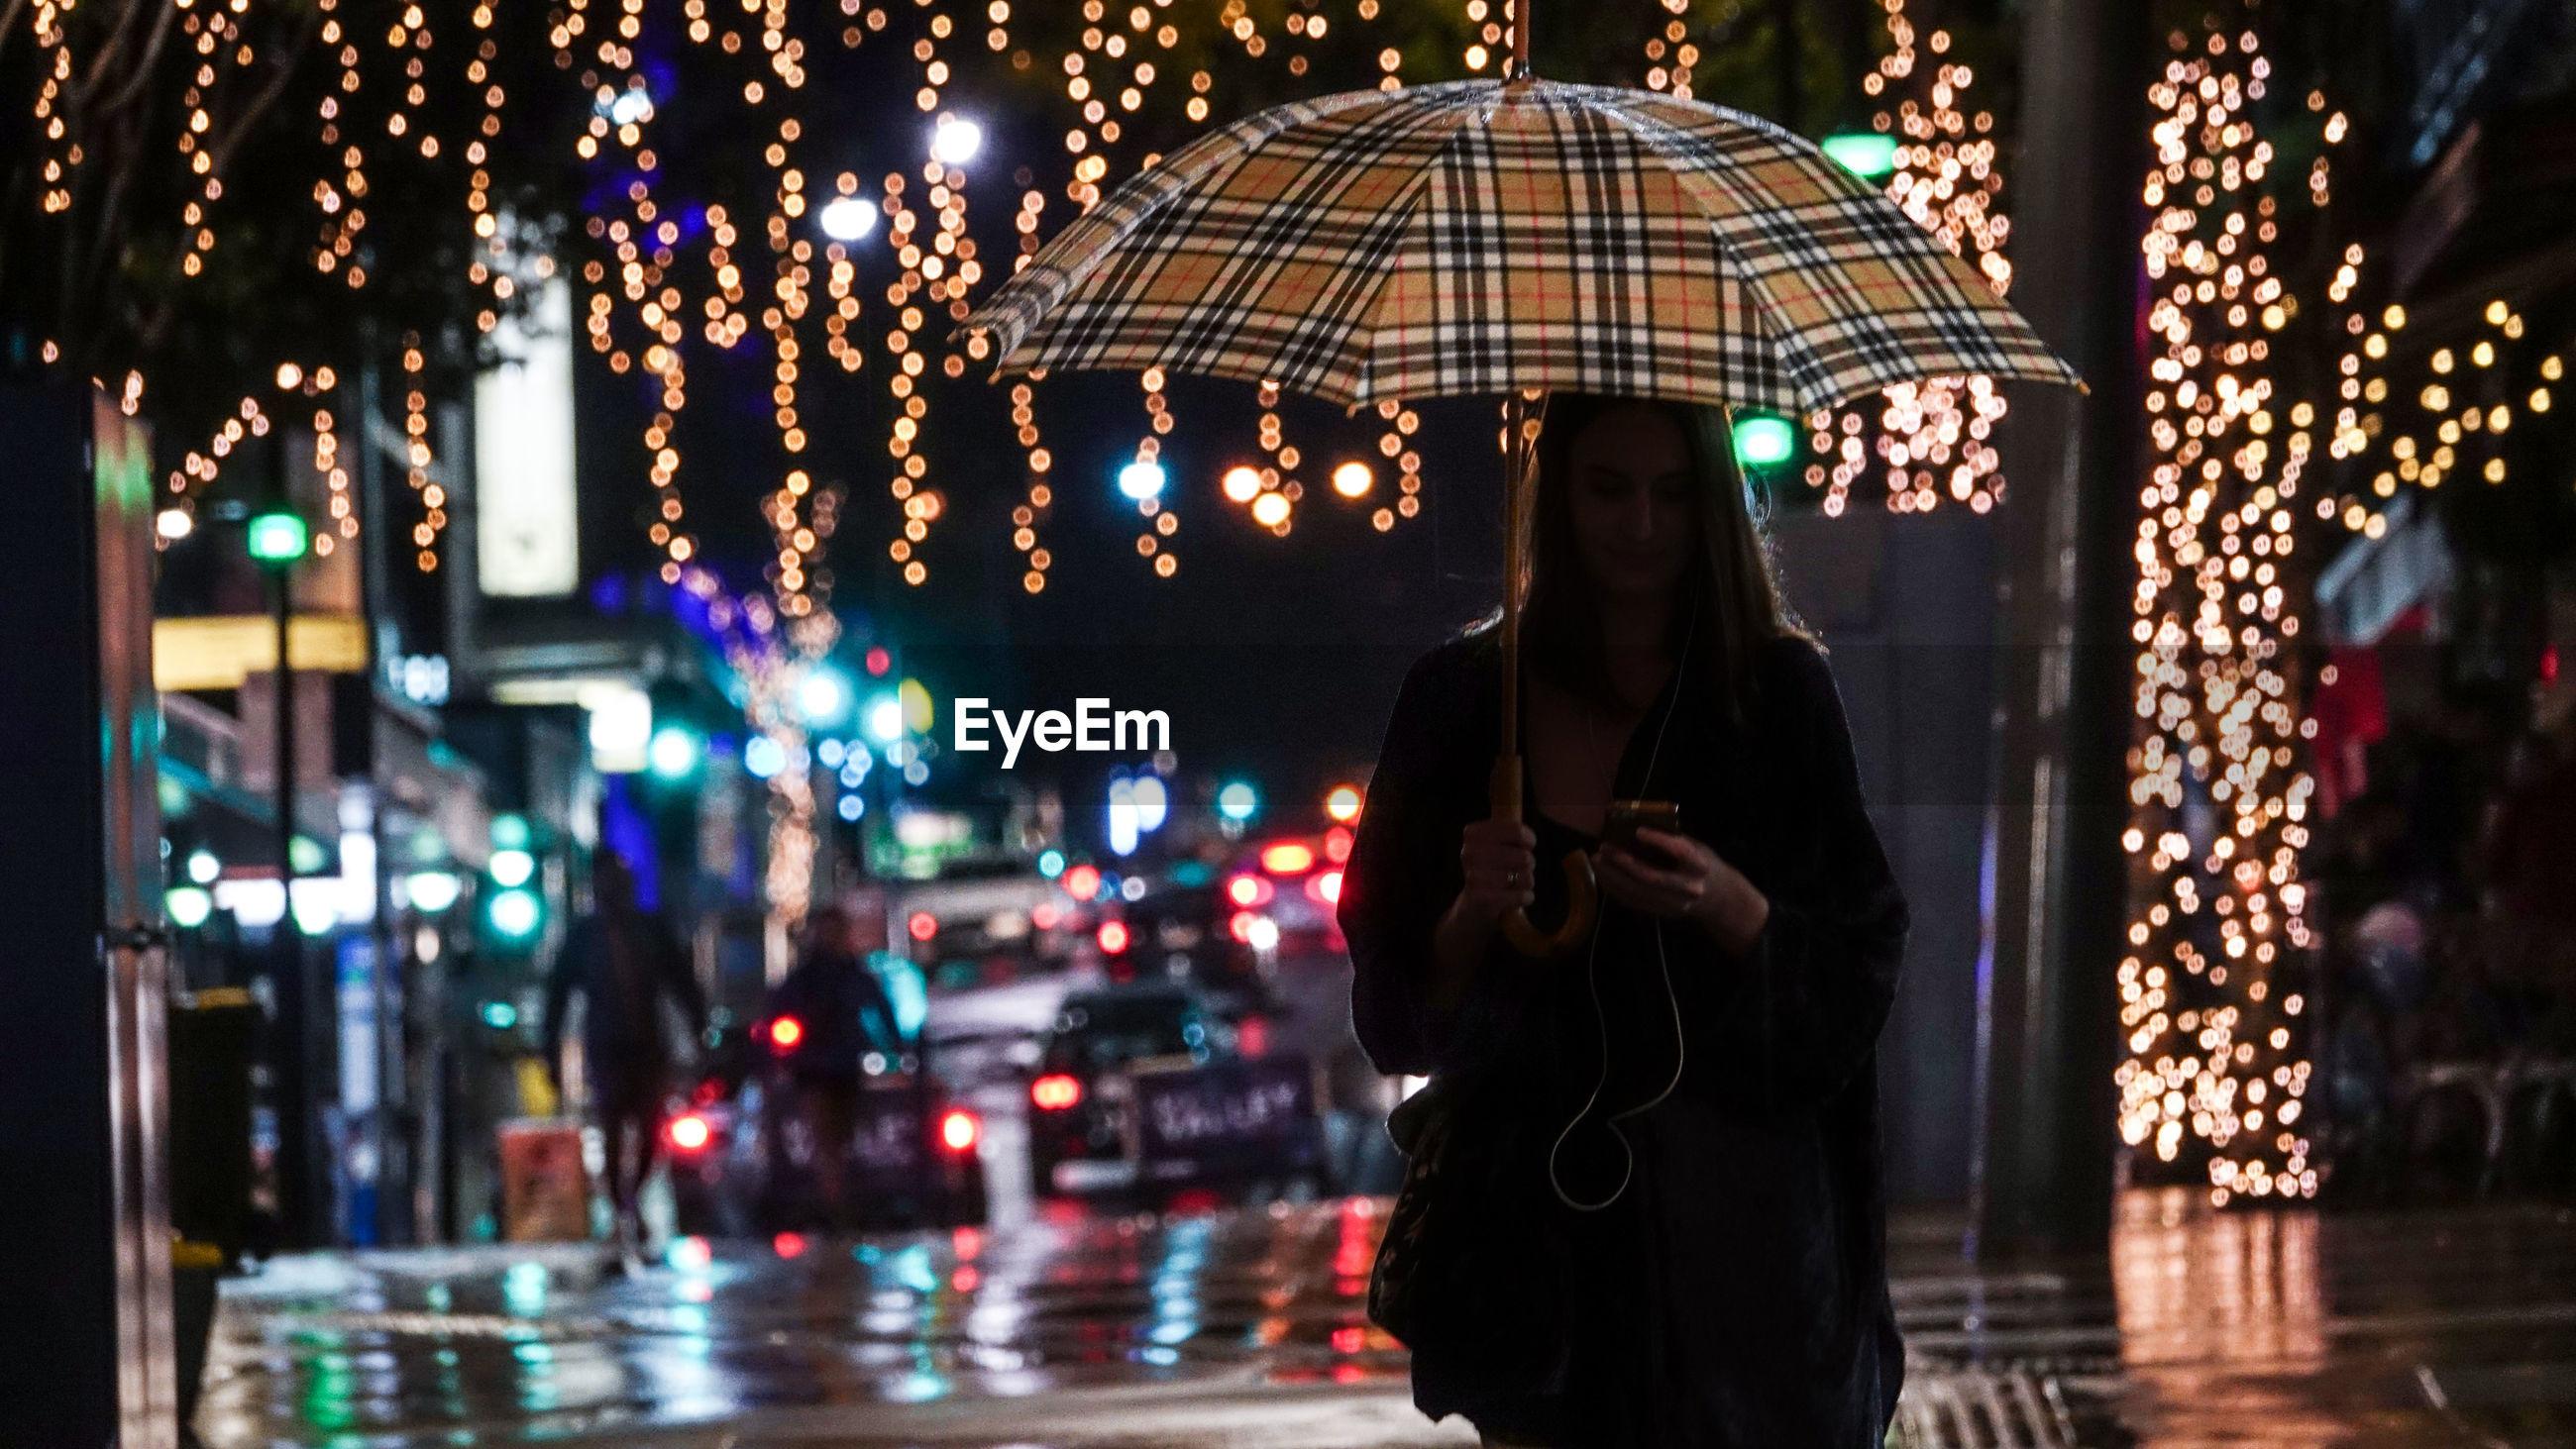 WOMAN STANDING ON ILLUMINATED STREET DURING RAINY SEASON